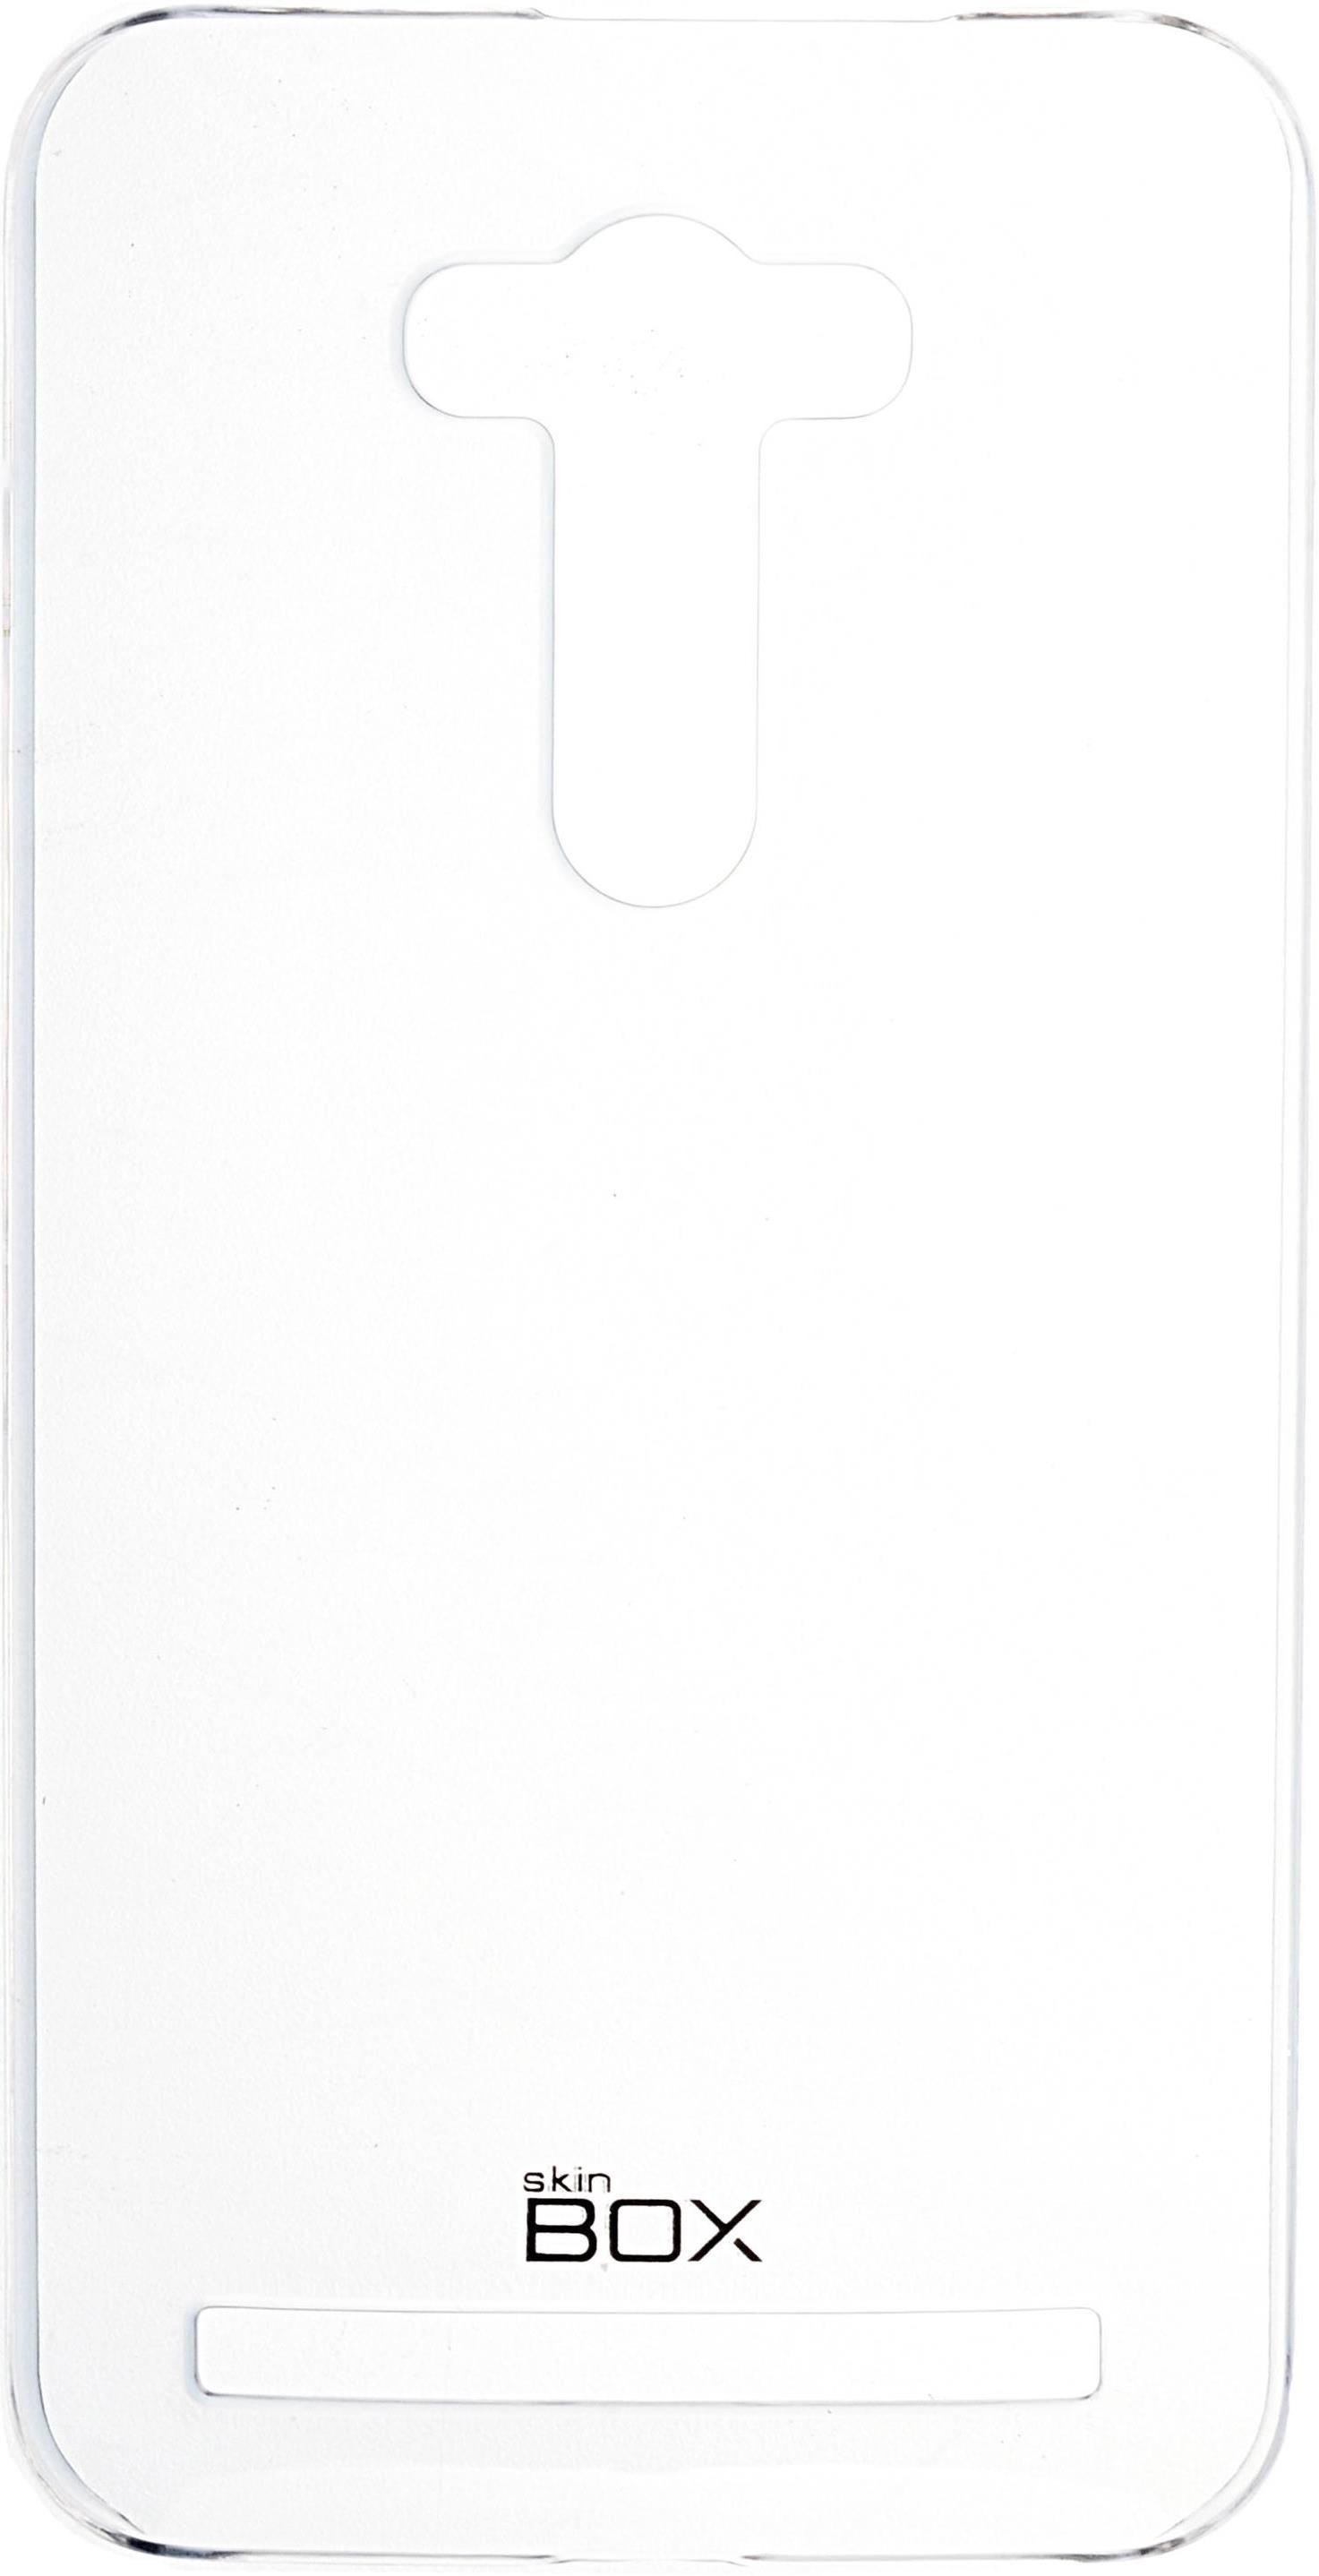 Чехол для сотового телефона skinBOX Crystal, 4630042524910, прозрачный чехол для сотового телефона skinbox crystal 4630042528109 прозрачный